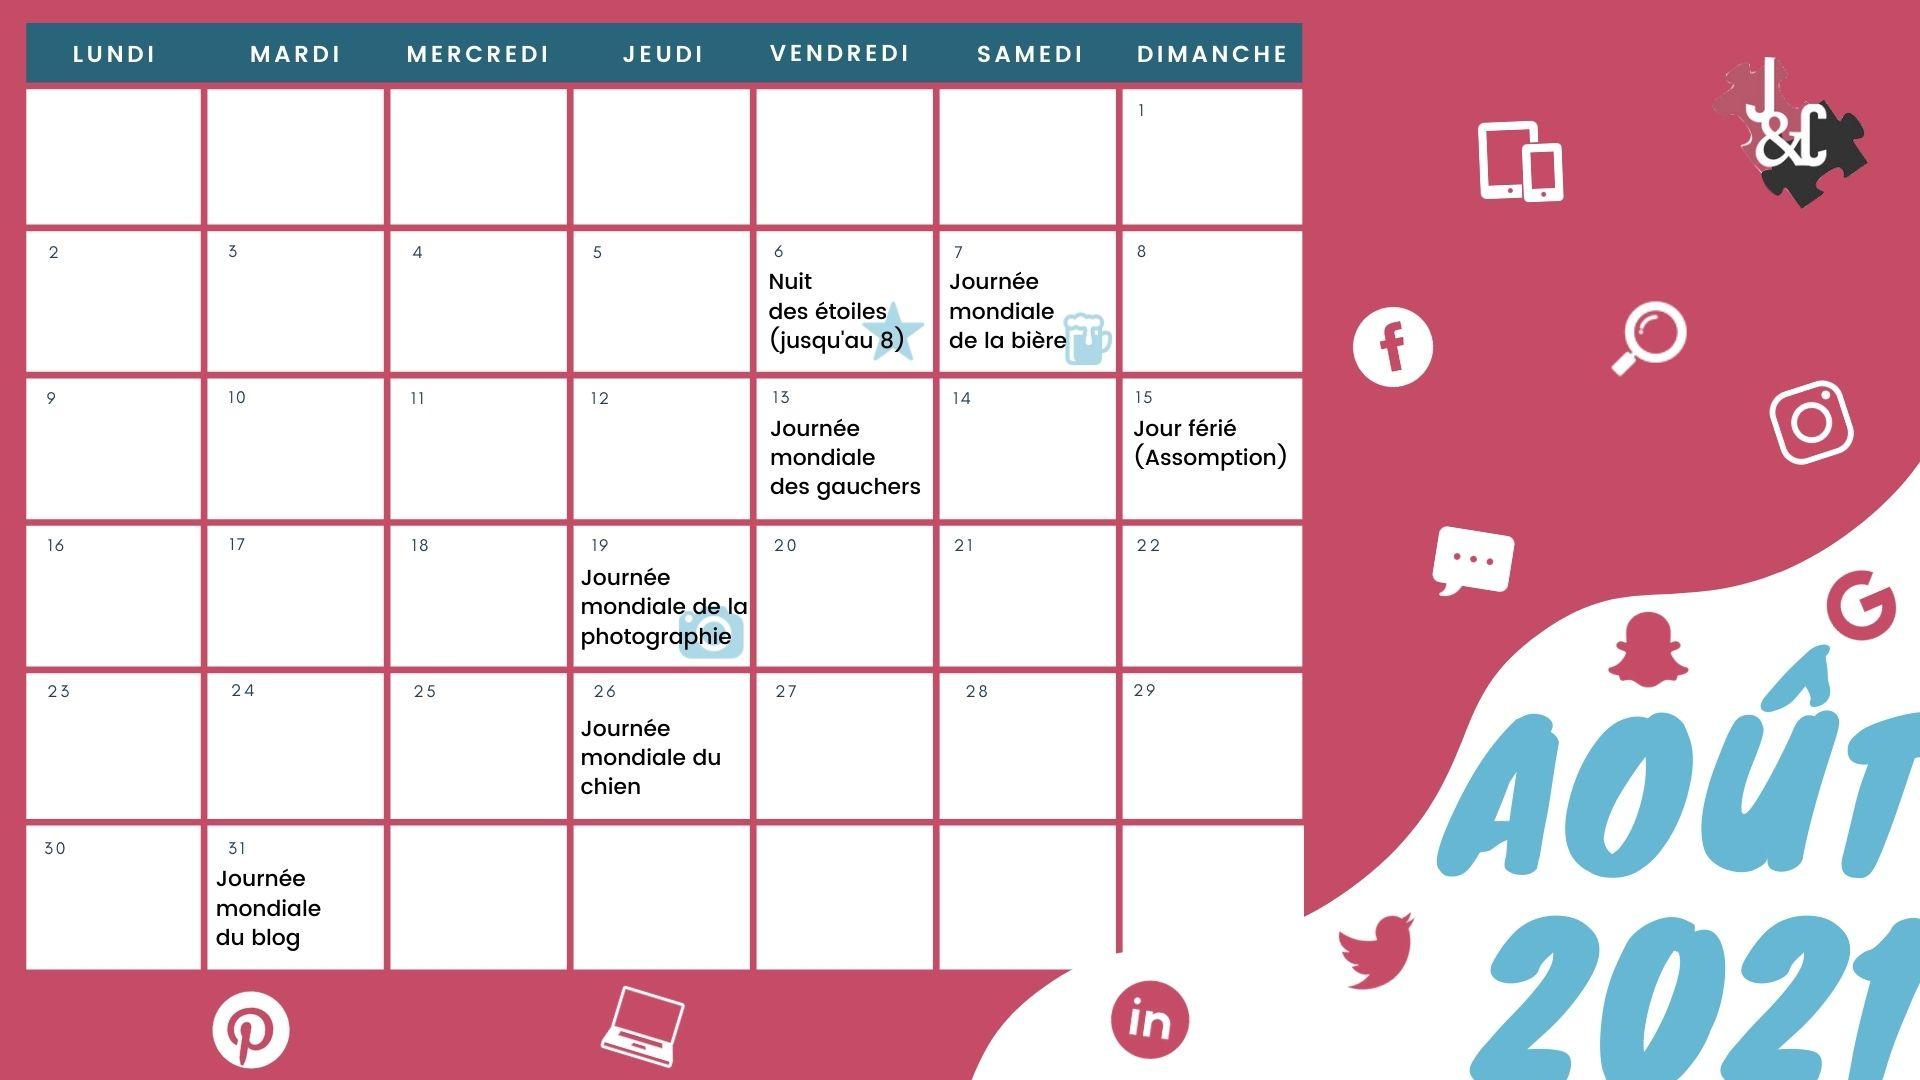 Retrouvez les événement du mois grâce à votre calendrier marronnier août 2021 !